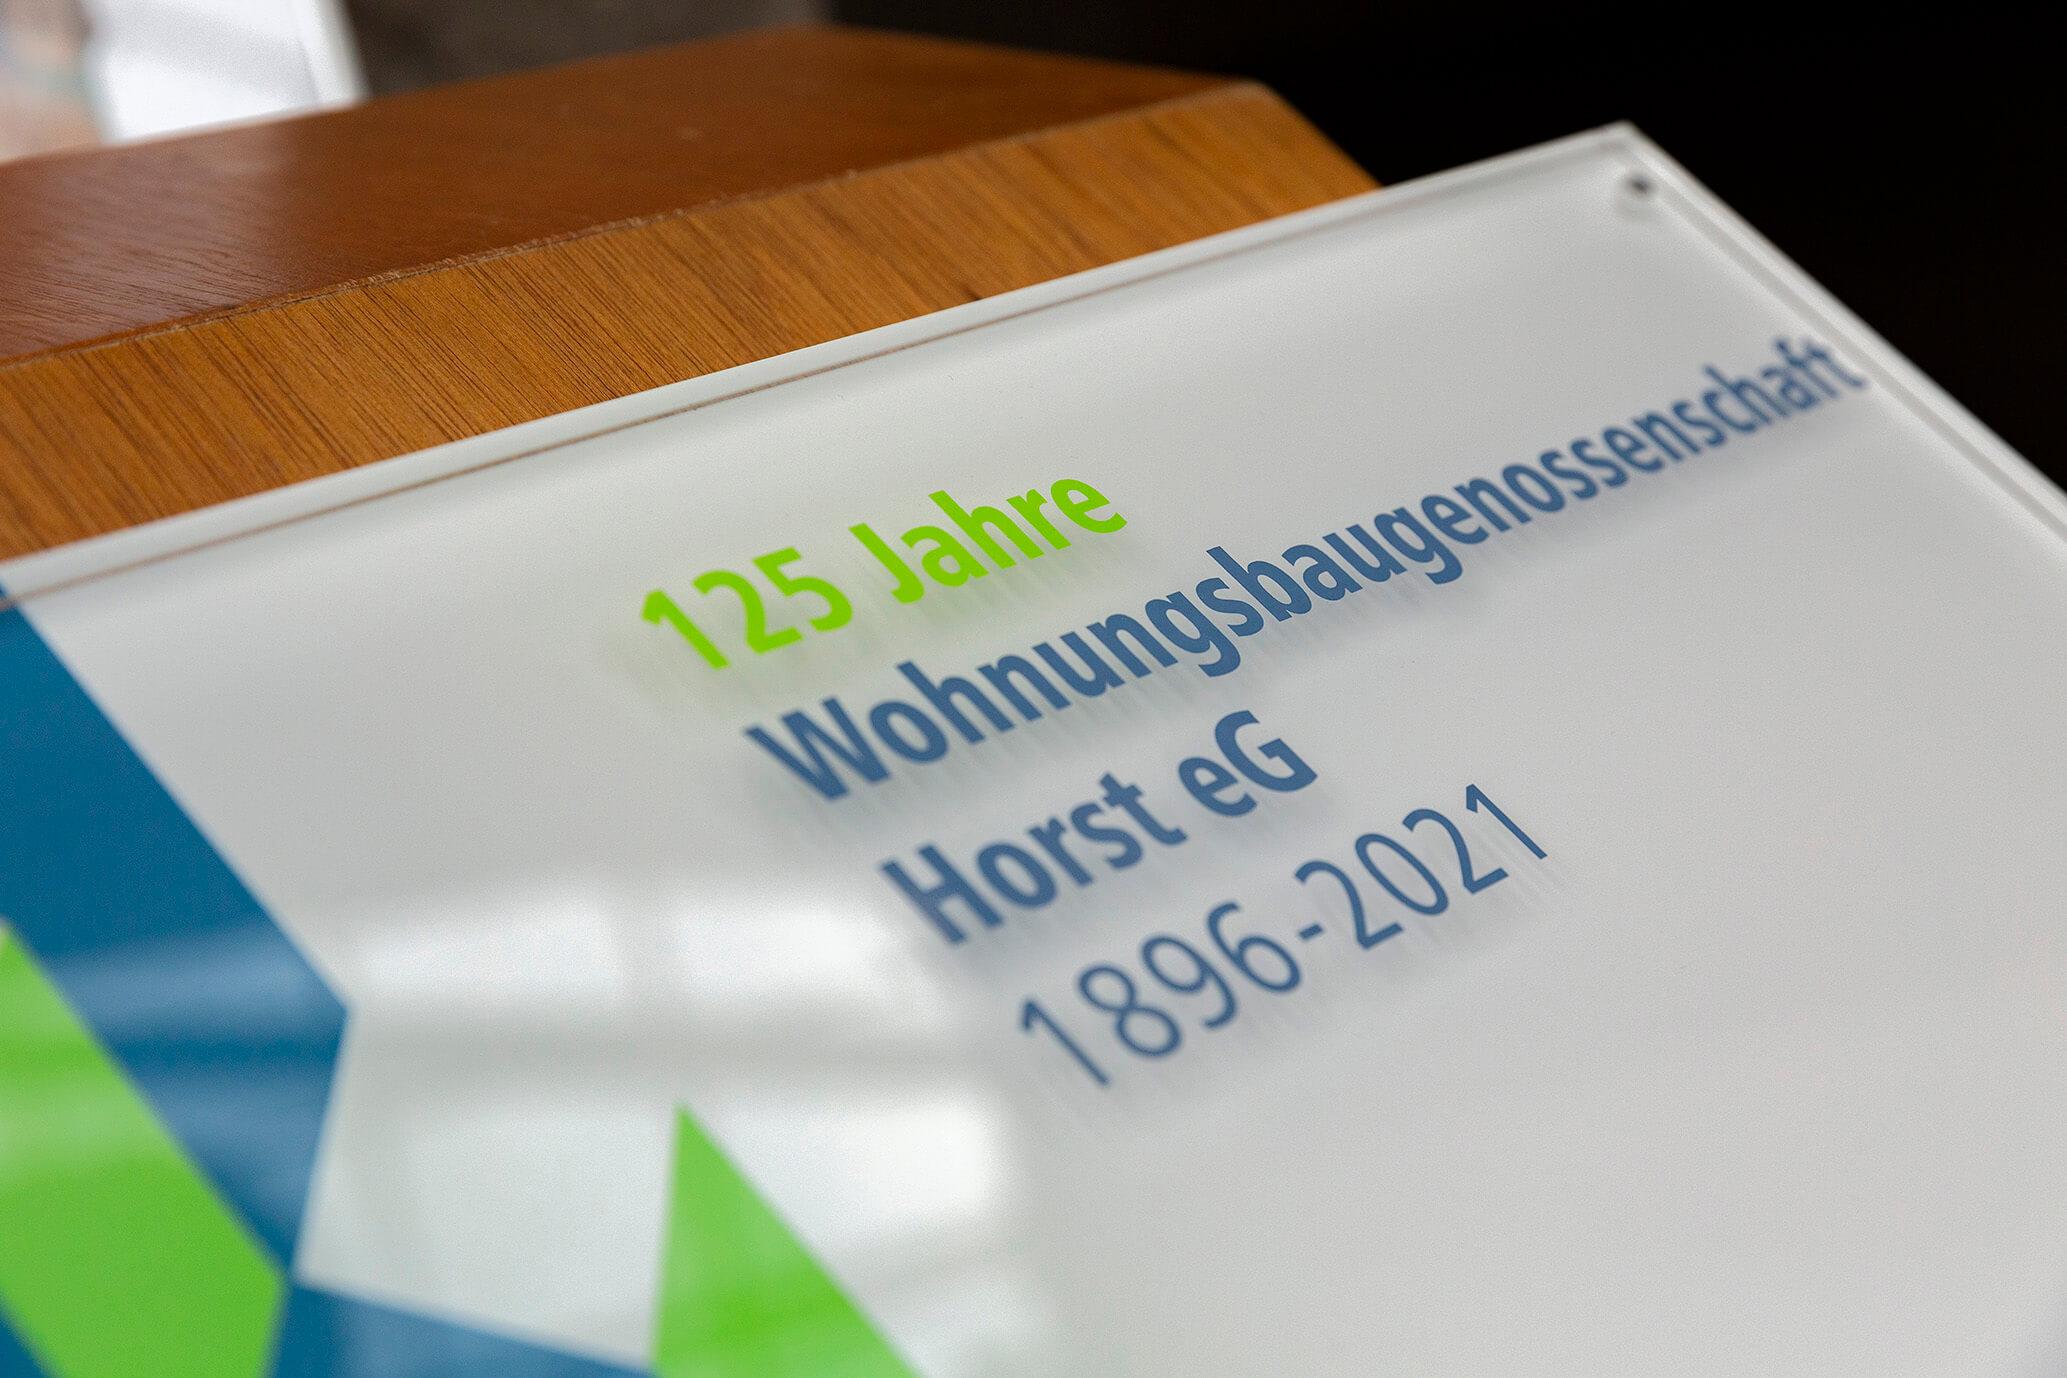 Das war ein Fest! 125. Geburtstag der WBG Horst